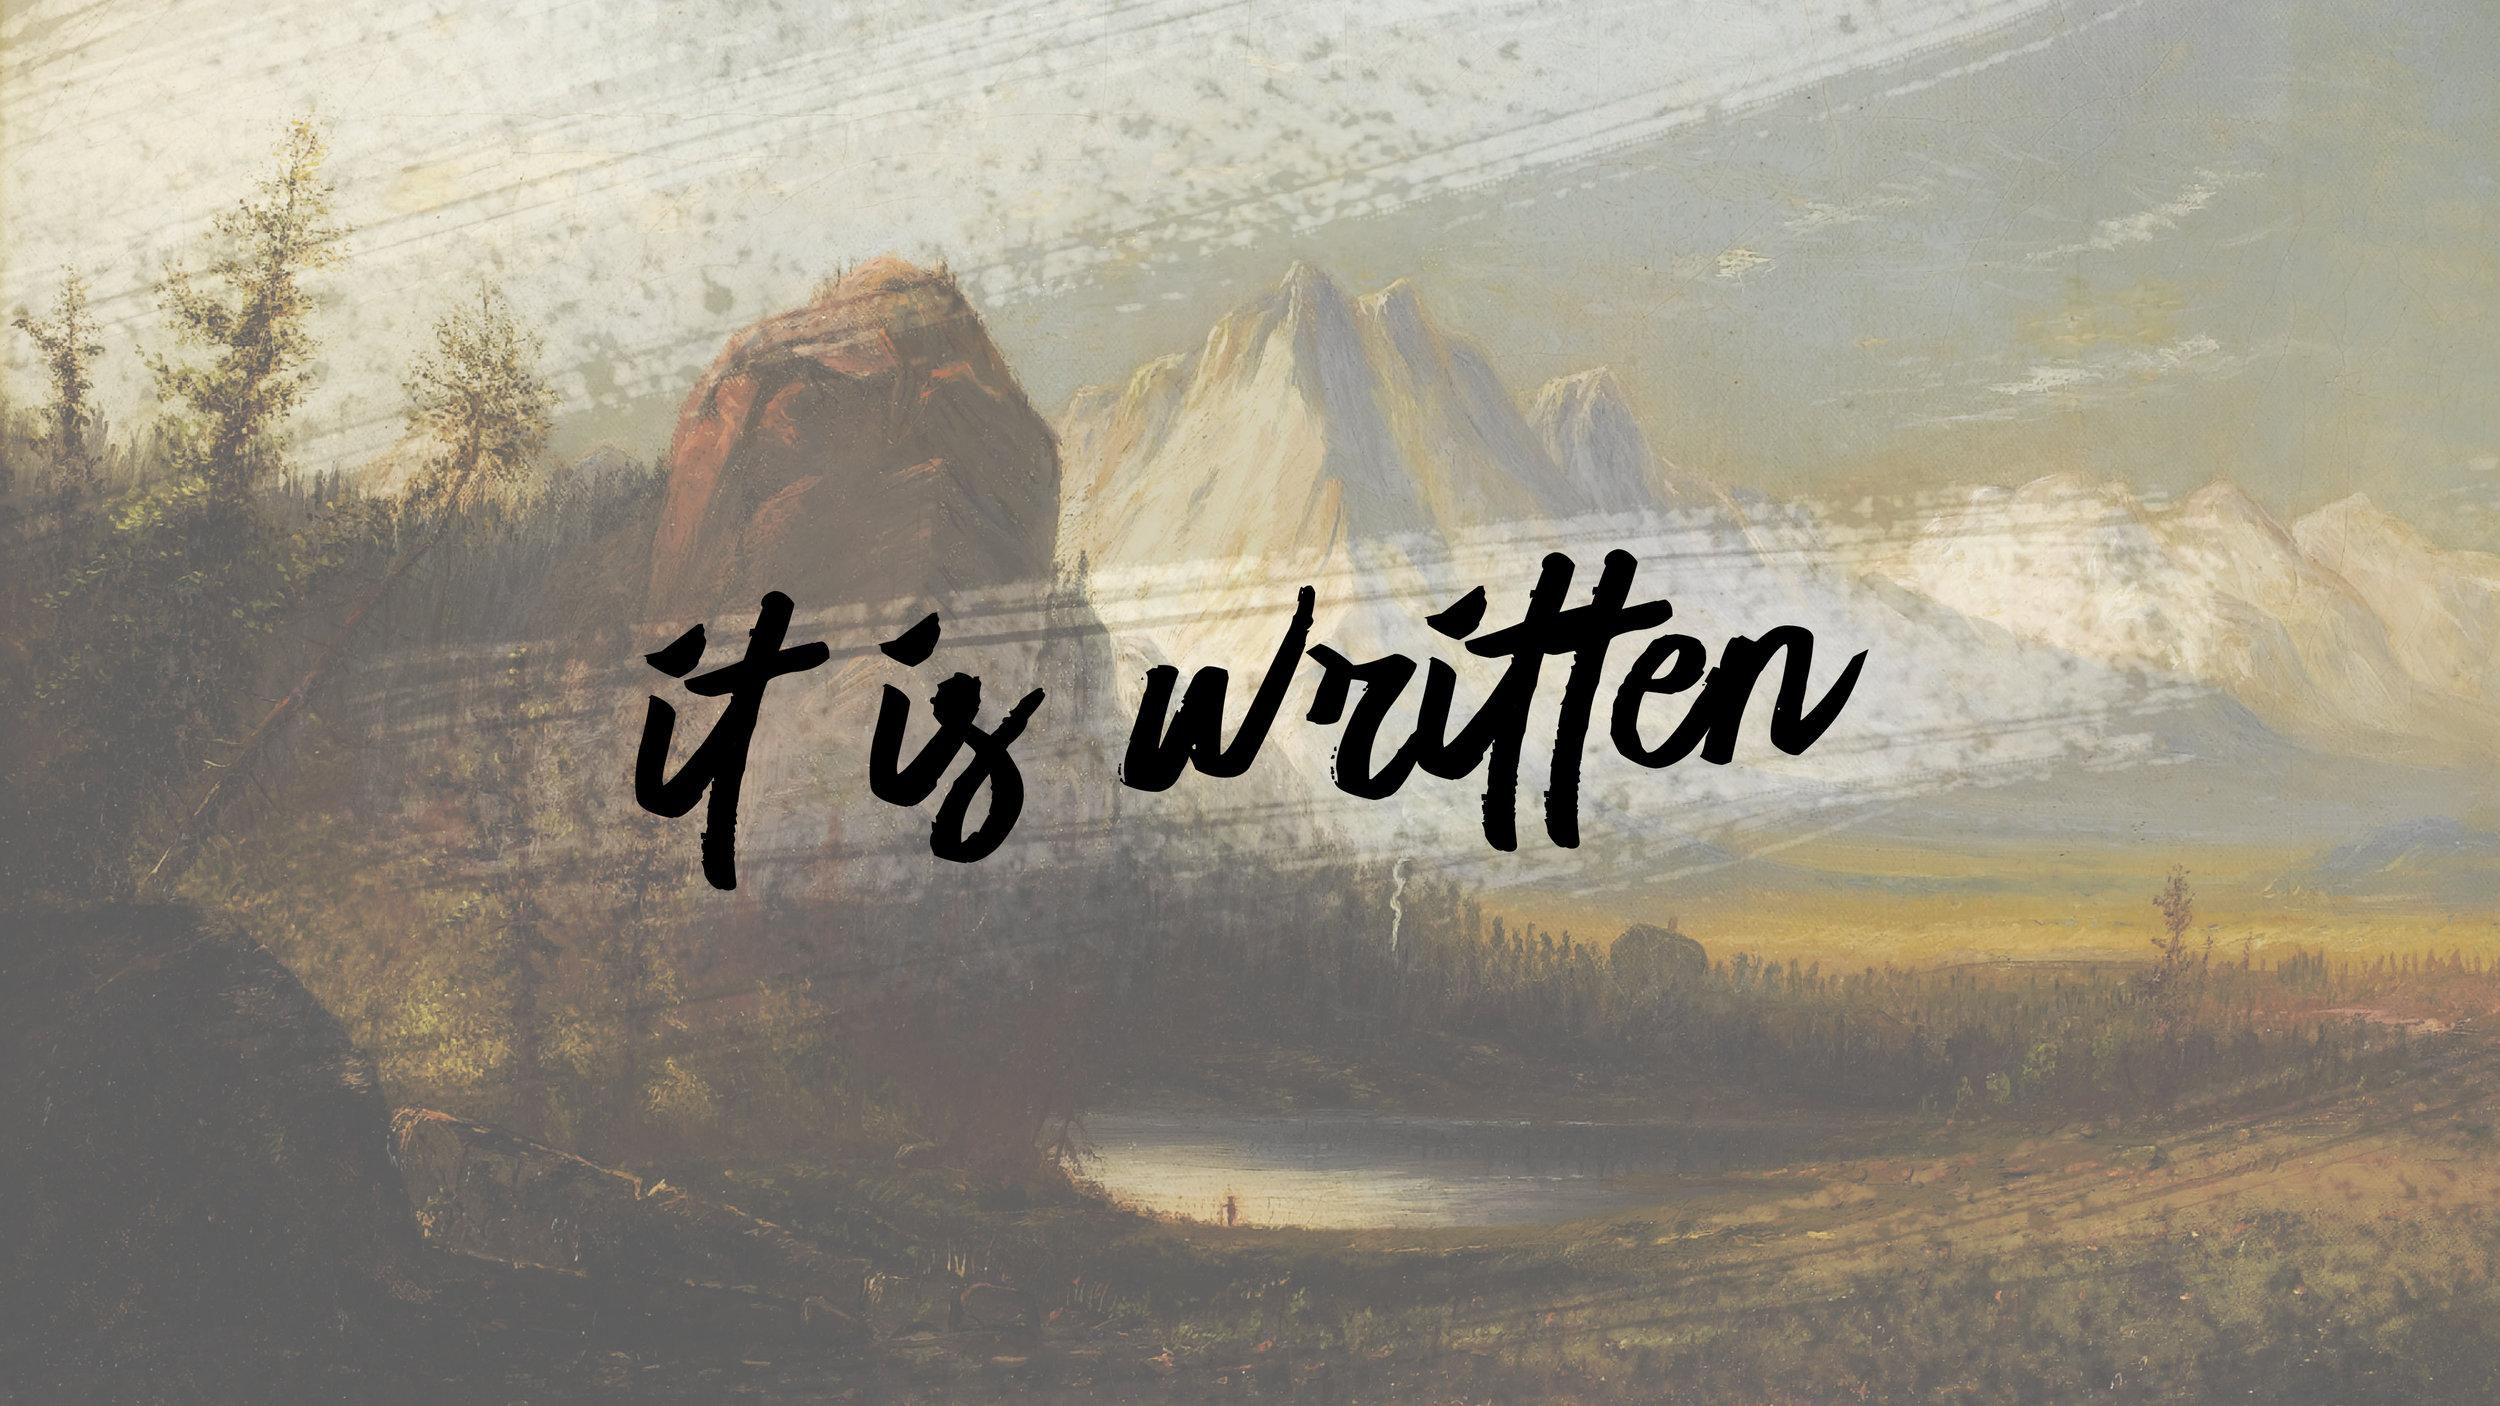 It_is_written-s.jpg